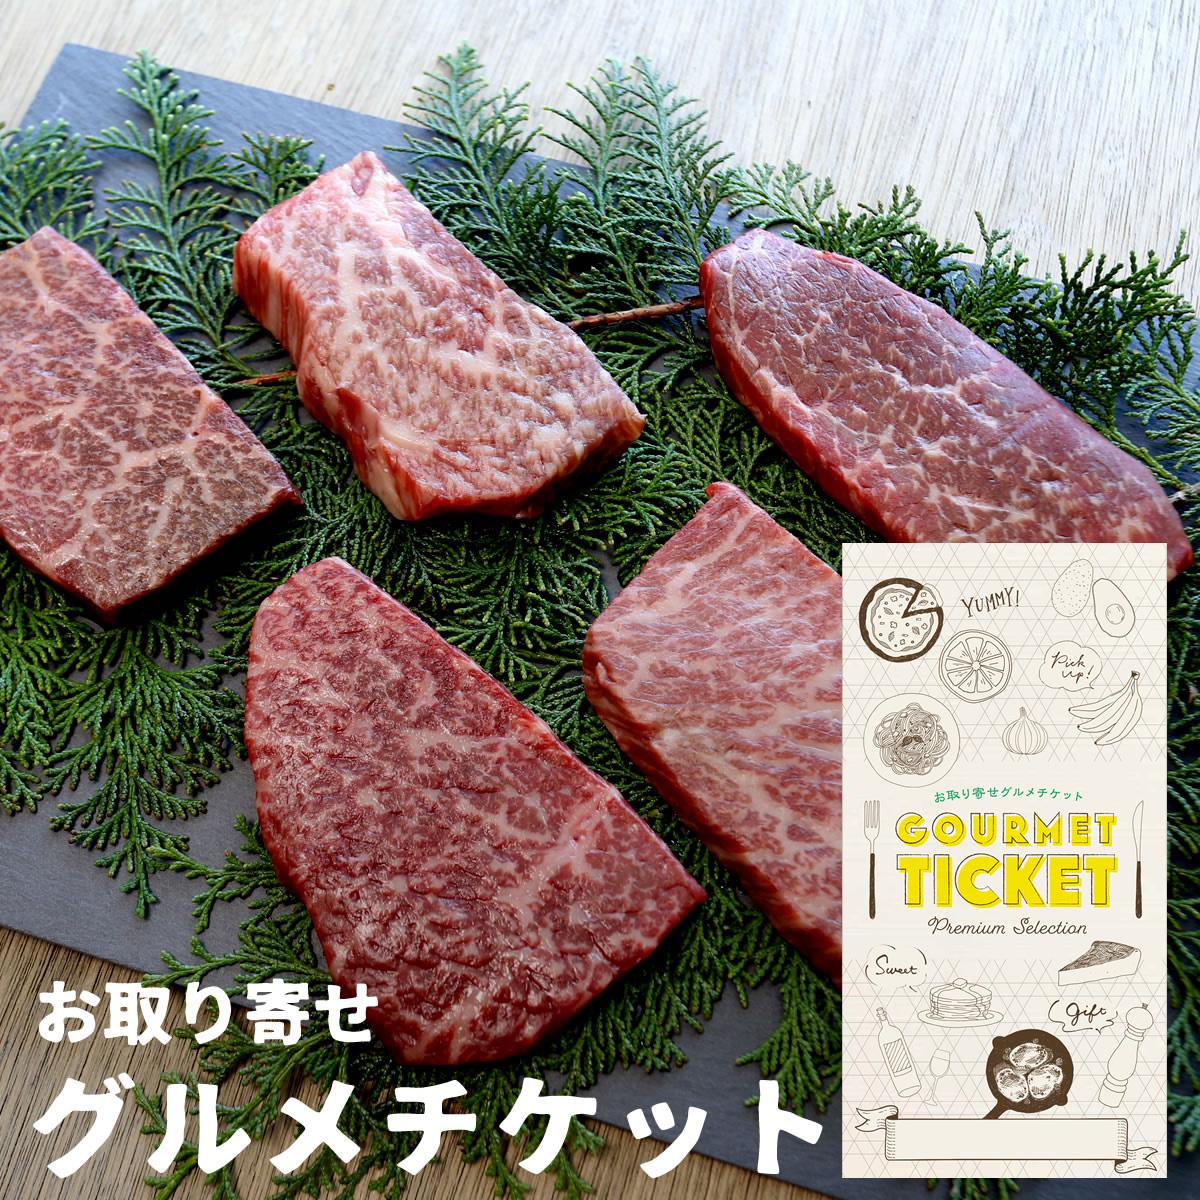 お取り寄せグルメチケット 松阪牛・神戸牛・飛騨牛・佐賀牛・仙台牛ブランド牛肉食べ比べ5種